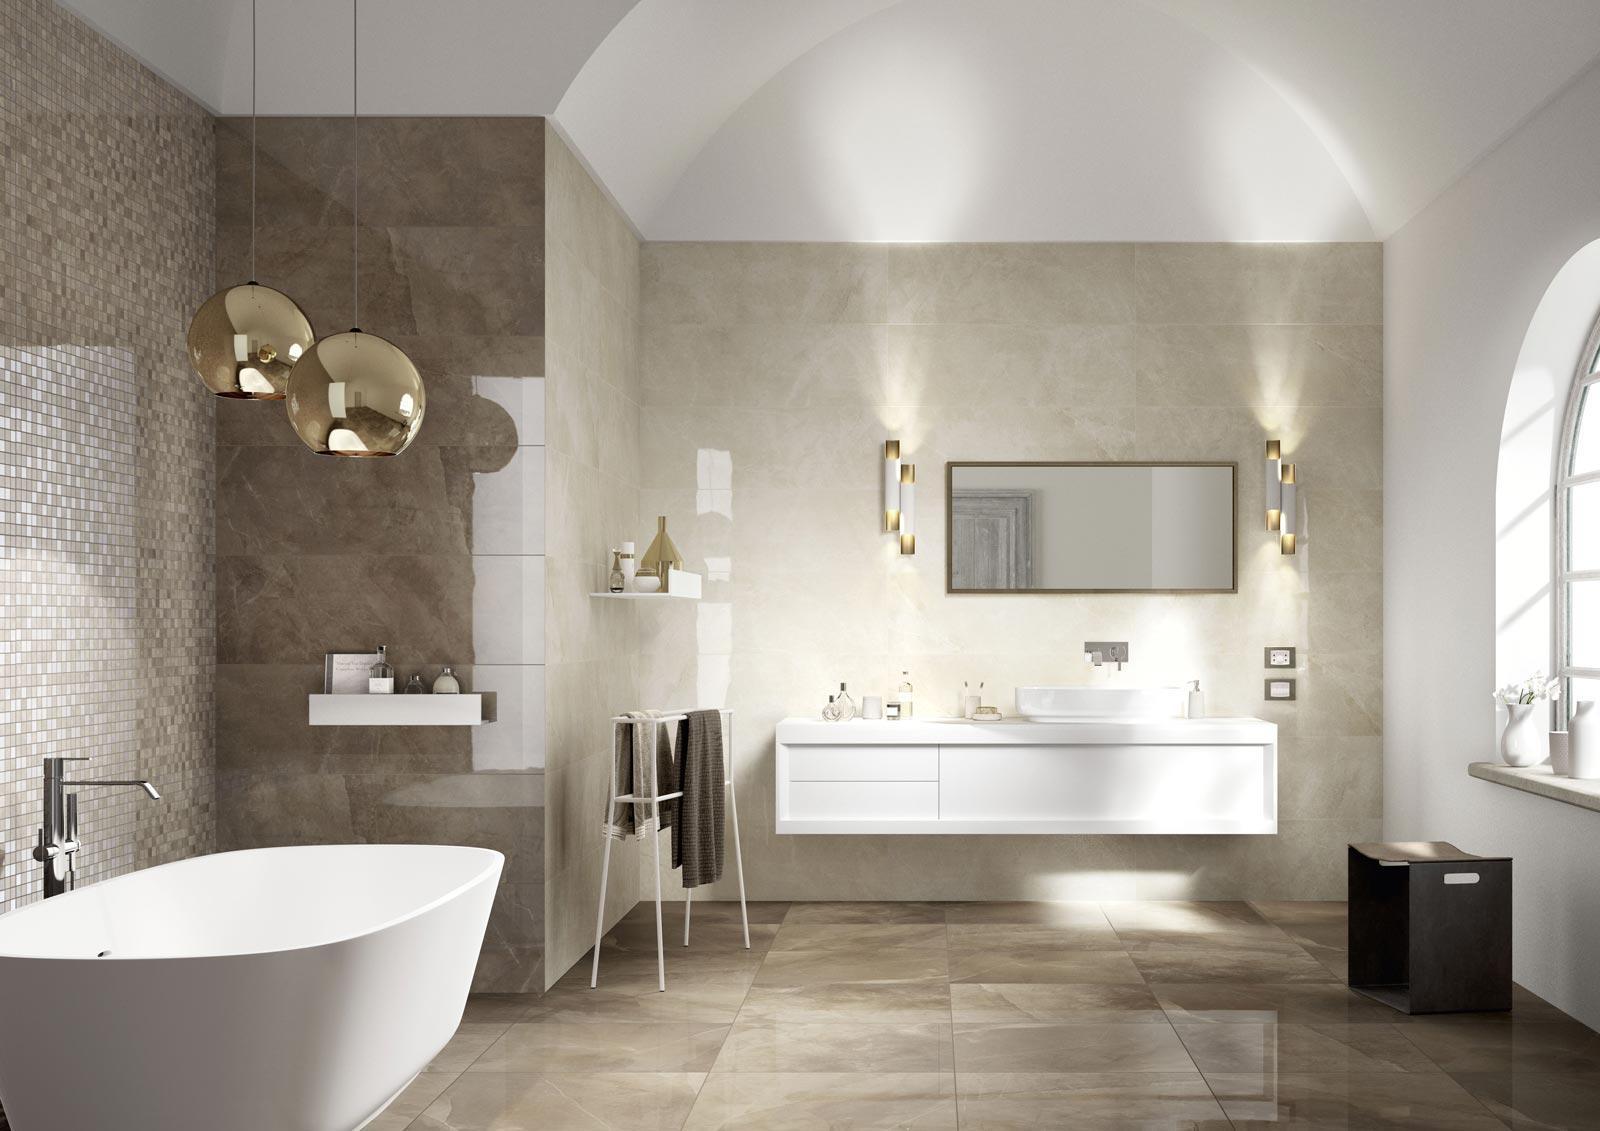 Evolutionmarble rivestimento effetto marmo marazzi for Marazzi bagno